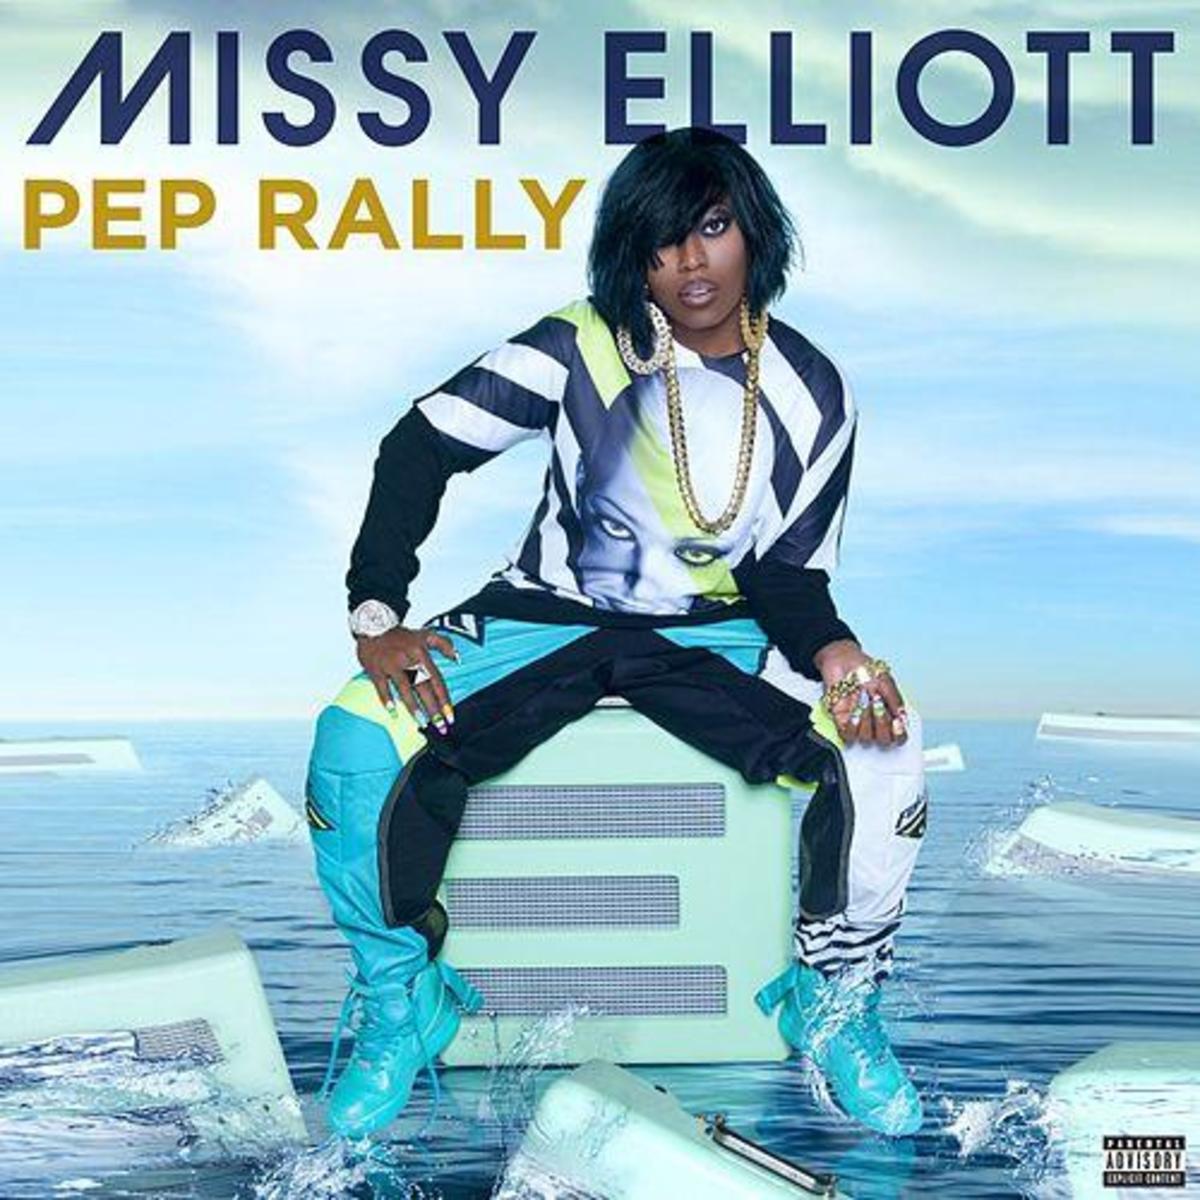 missy-elliott-pep-rally.jpg